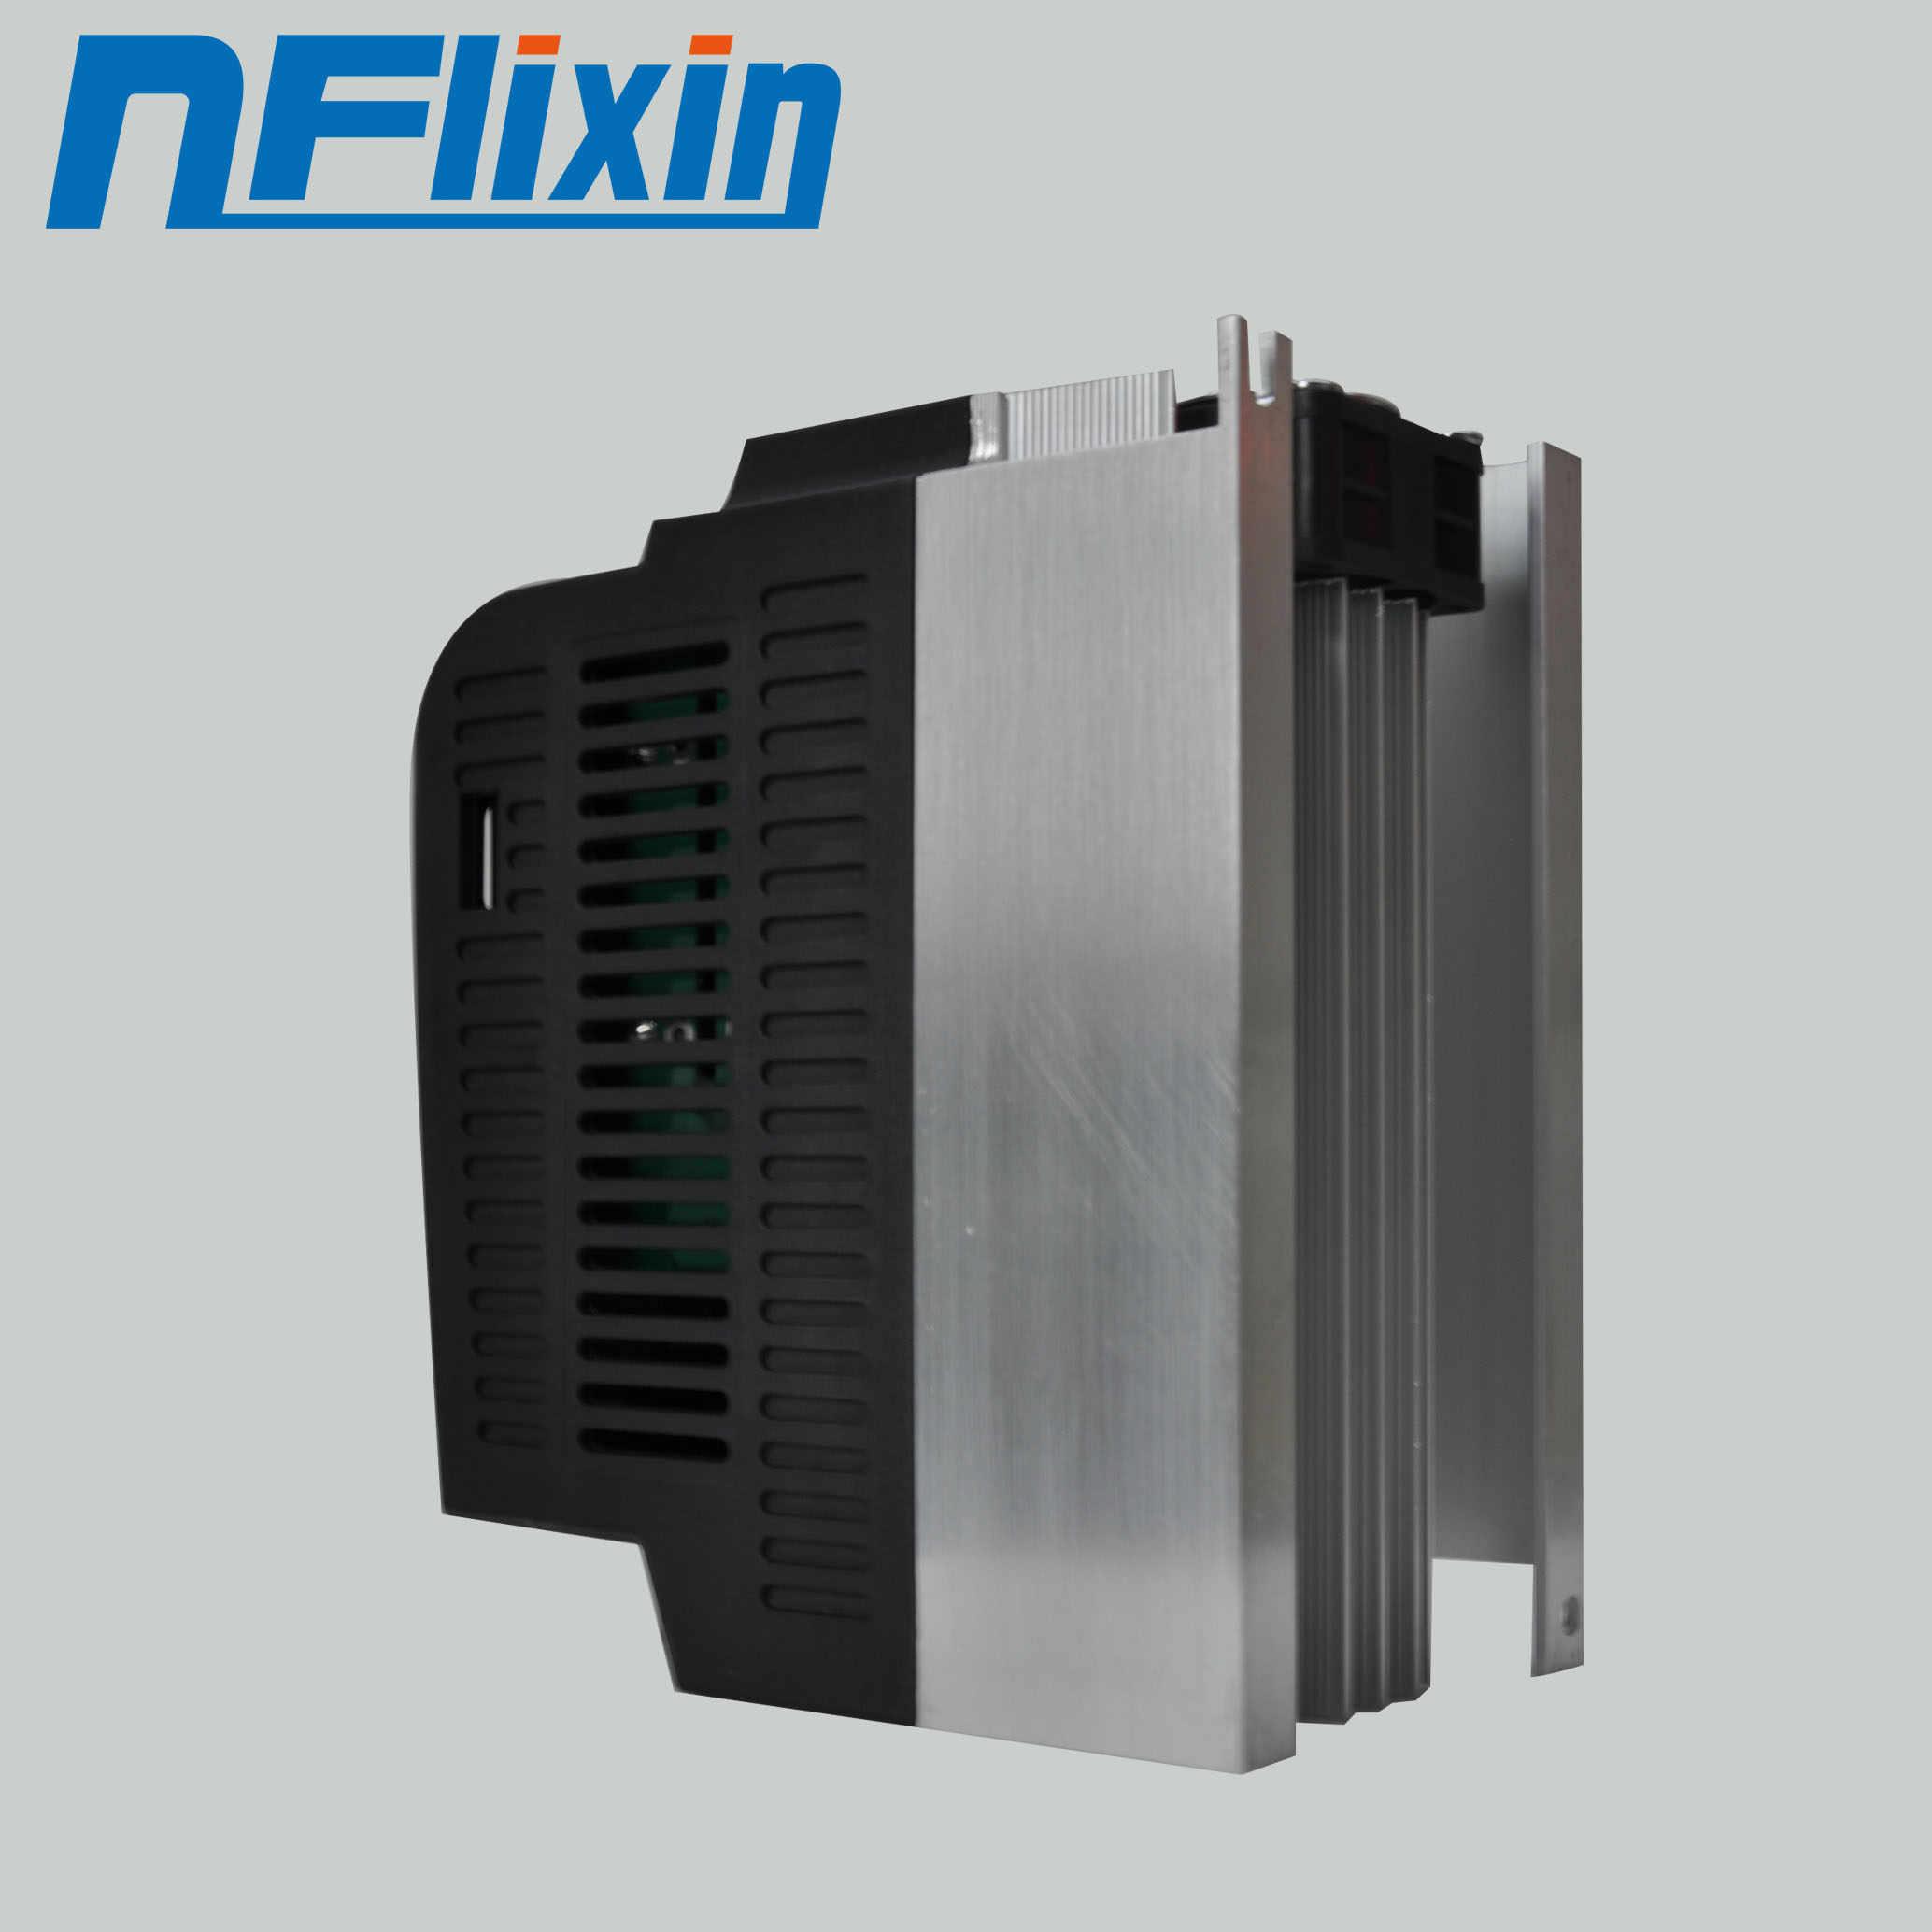 Преобразователь частоты для двигателя 380V 0.75KW/1.5KW/2.2KW/4KW 3 фазы Вход и три Выход 50 Гц/60 Гц переменного тока VFD инвертор